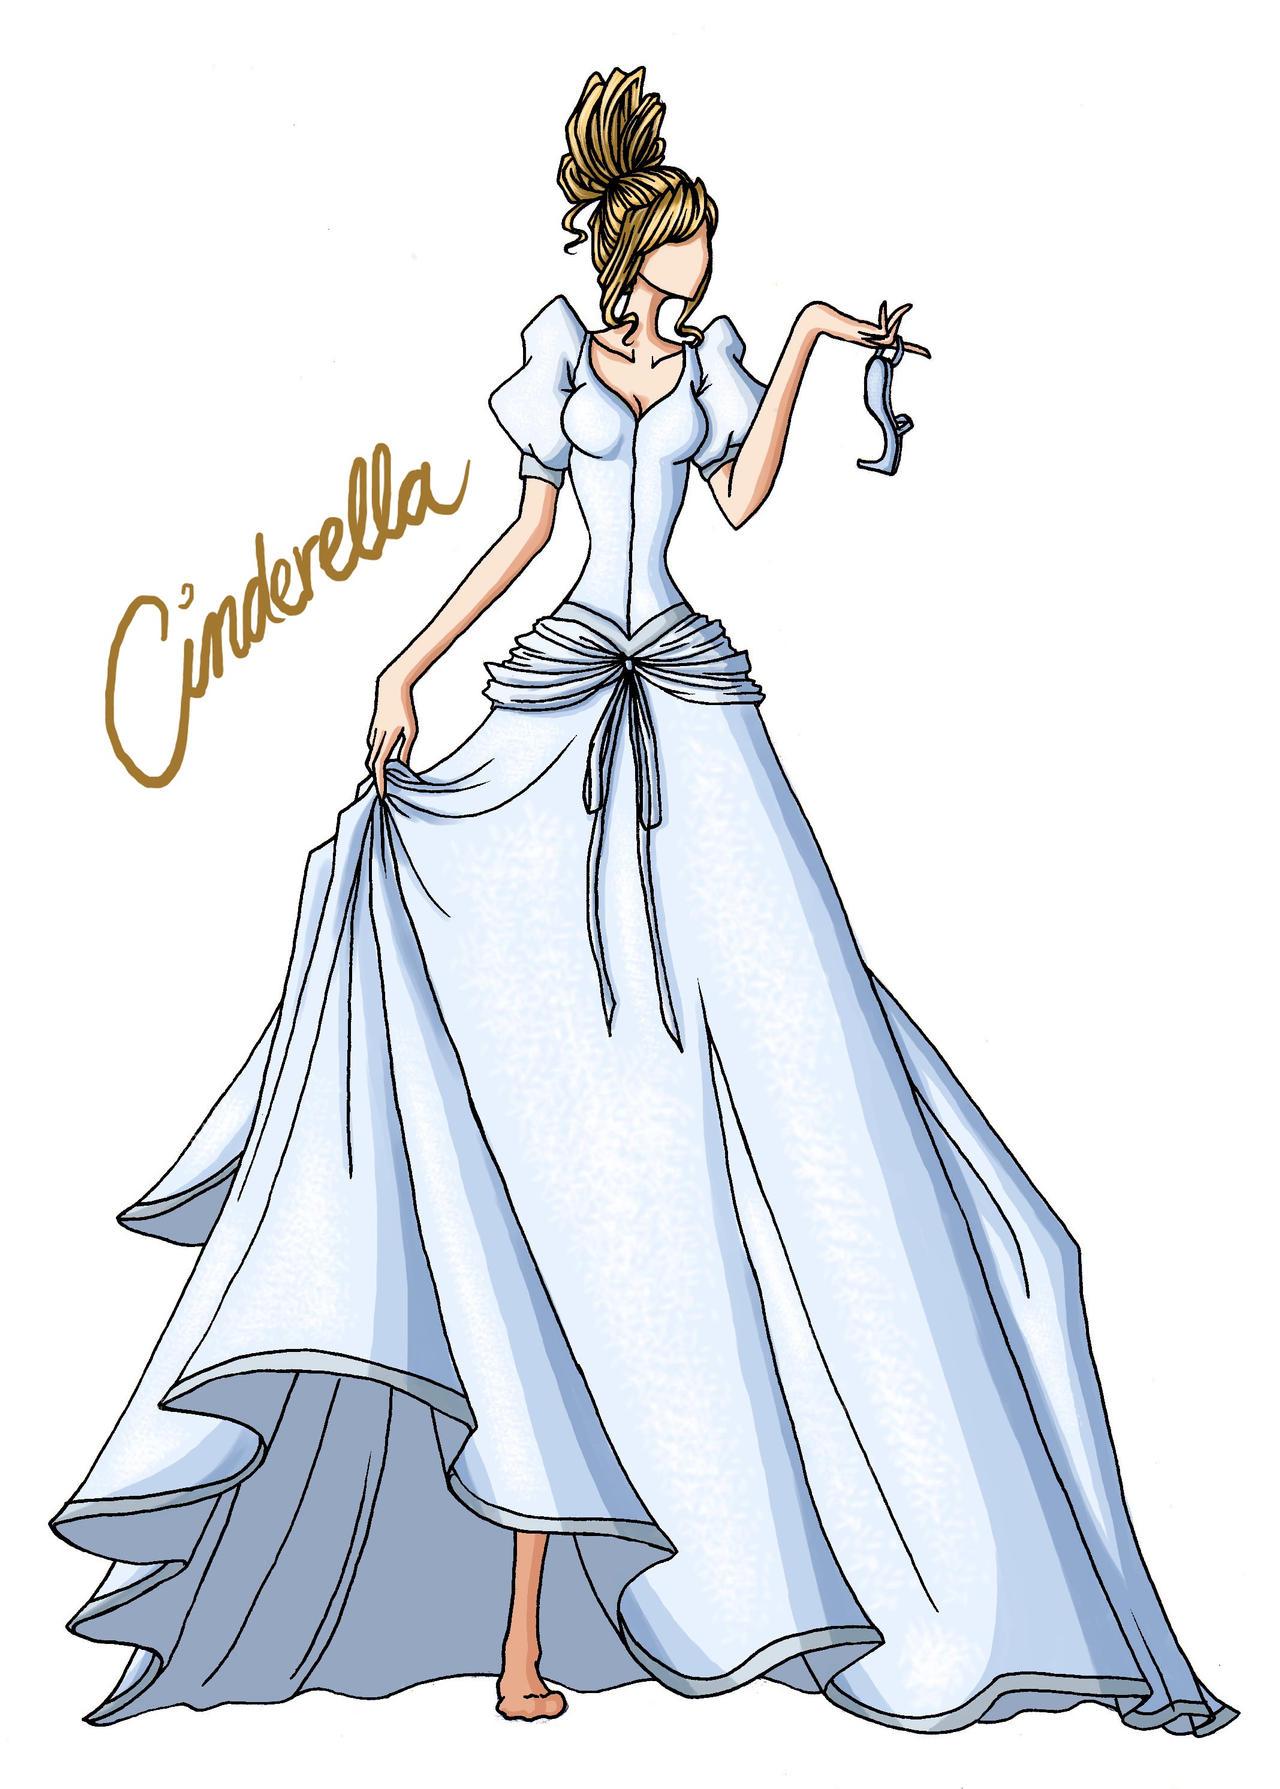 Fairy Tale Girls Project Cinderella By Welescarlett On Deviantart